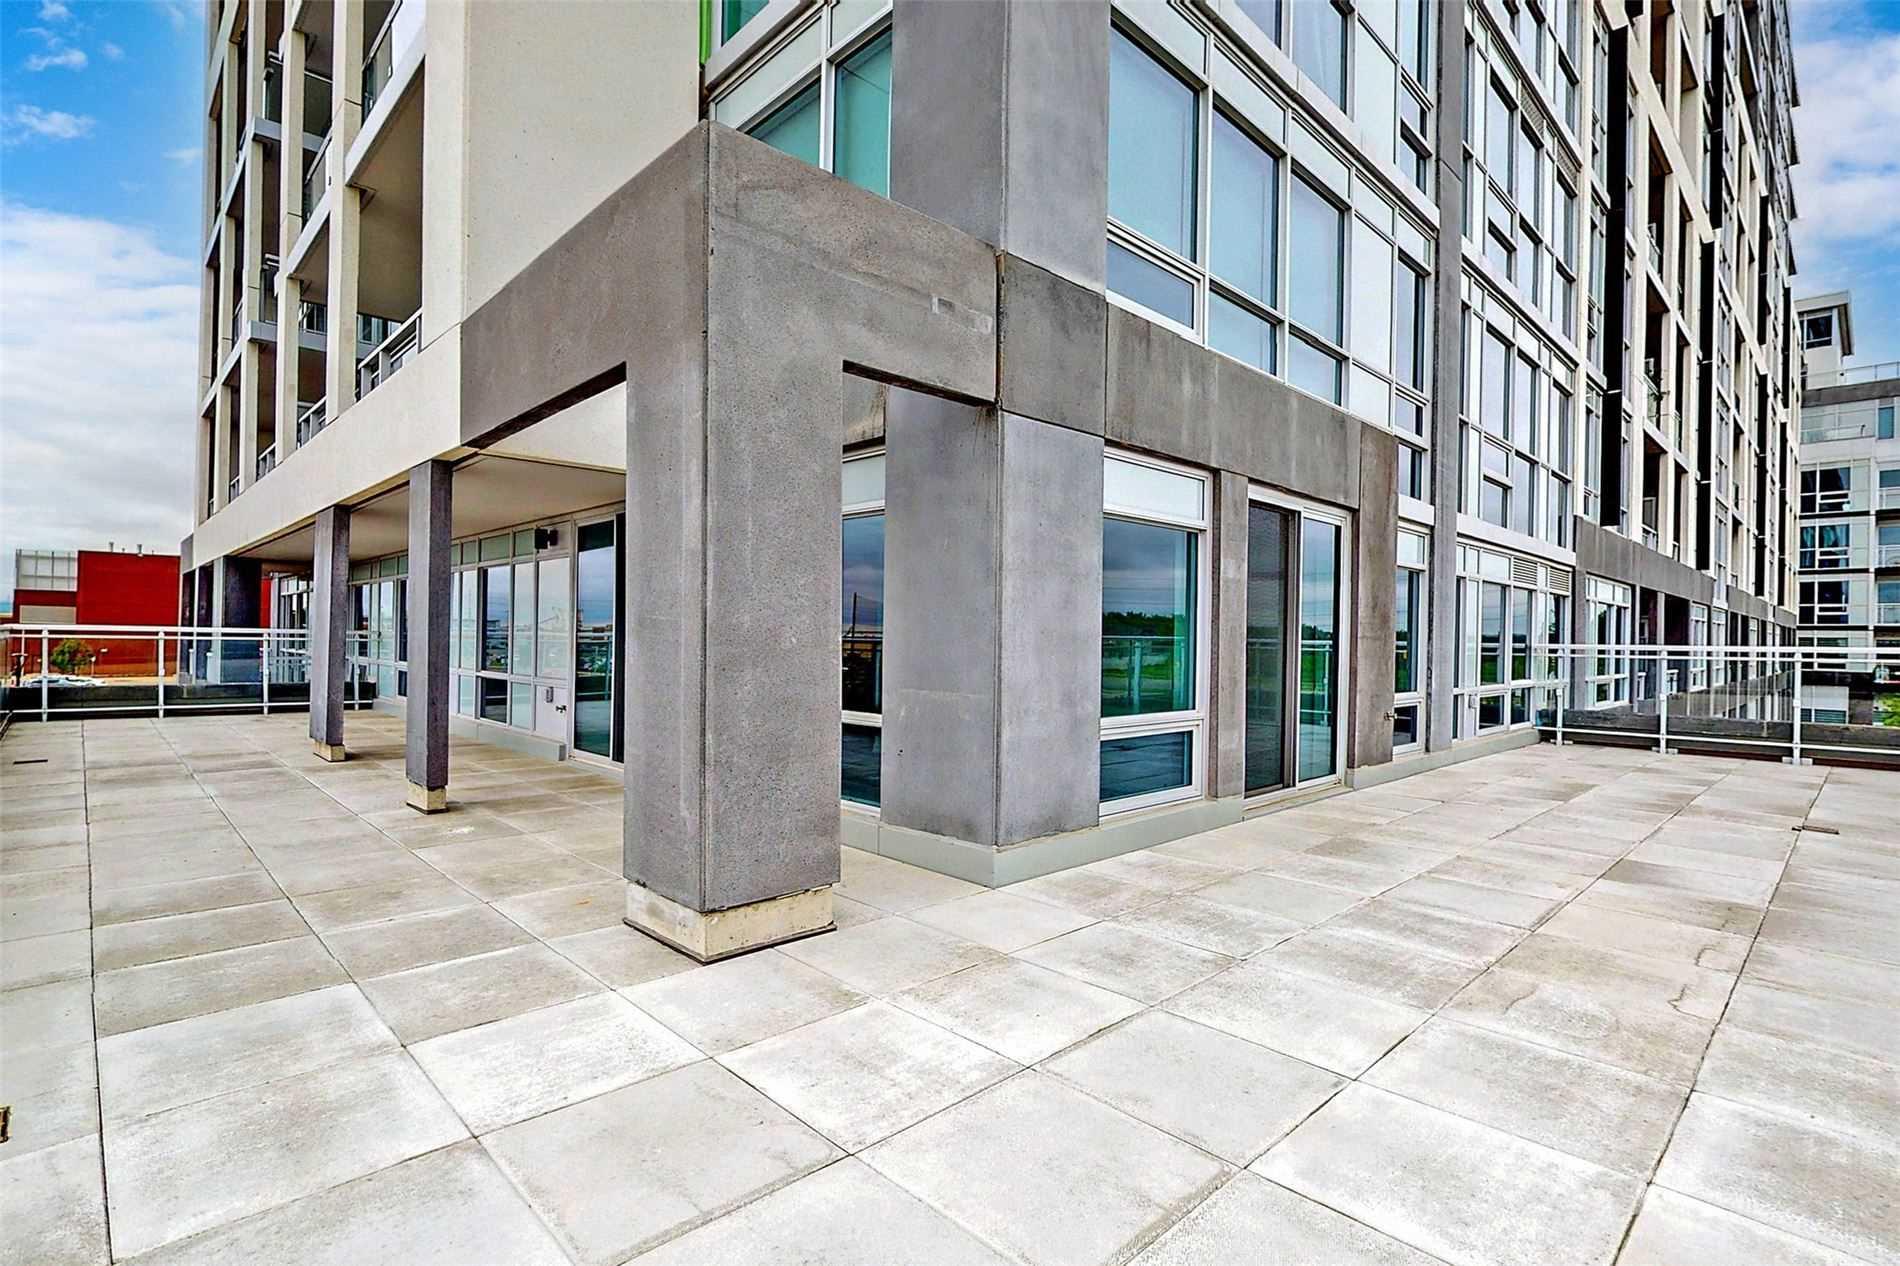 221 - 1050 Main St E - Dempsey Condo Apt for sale, 3 Bedrooms (W5398557) - #32